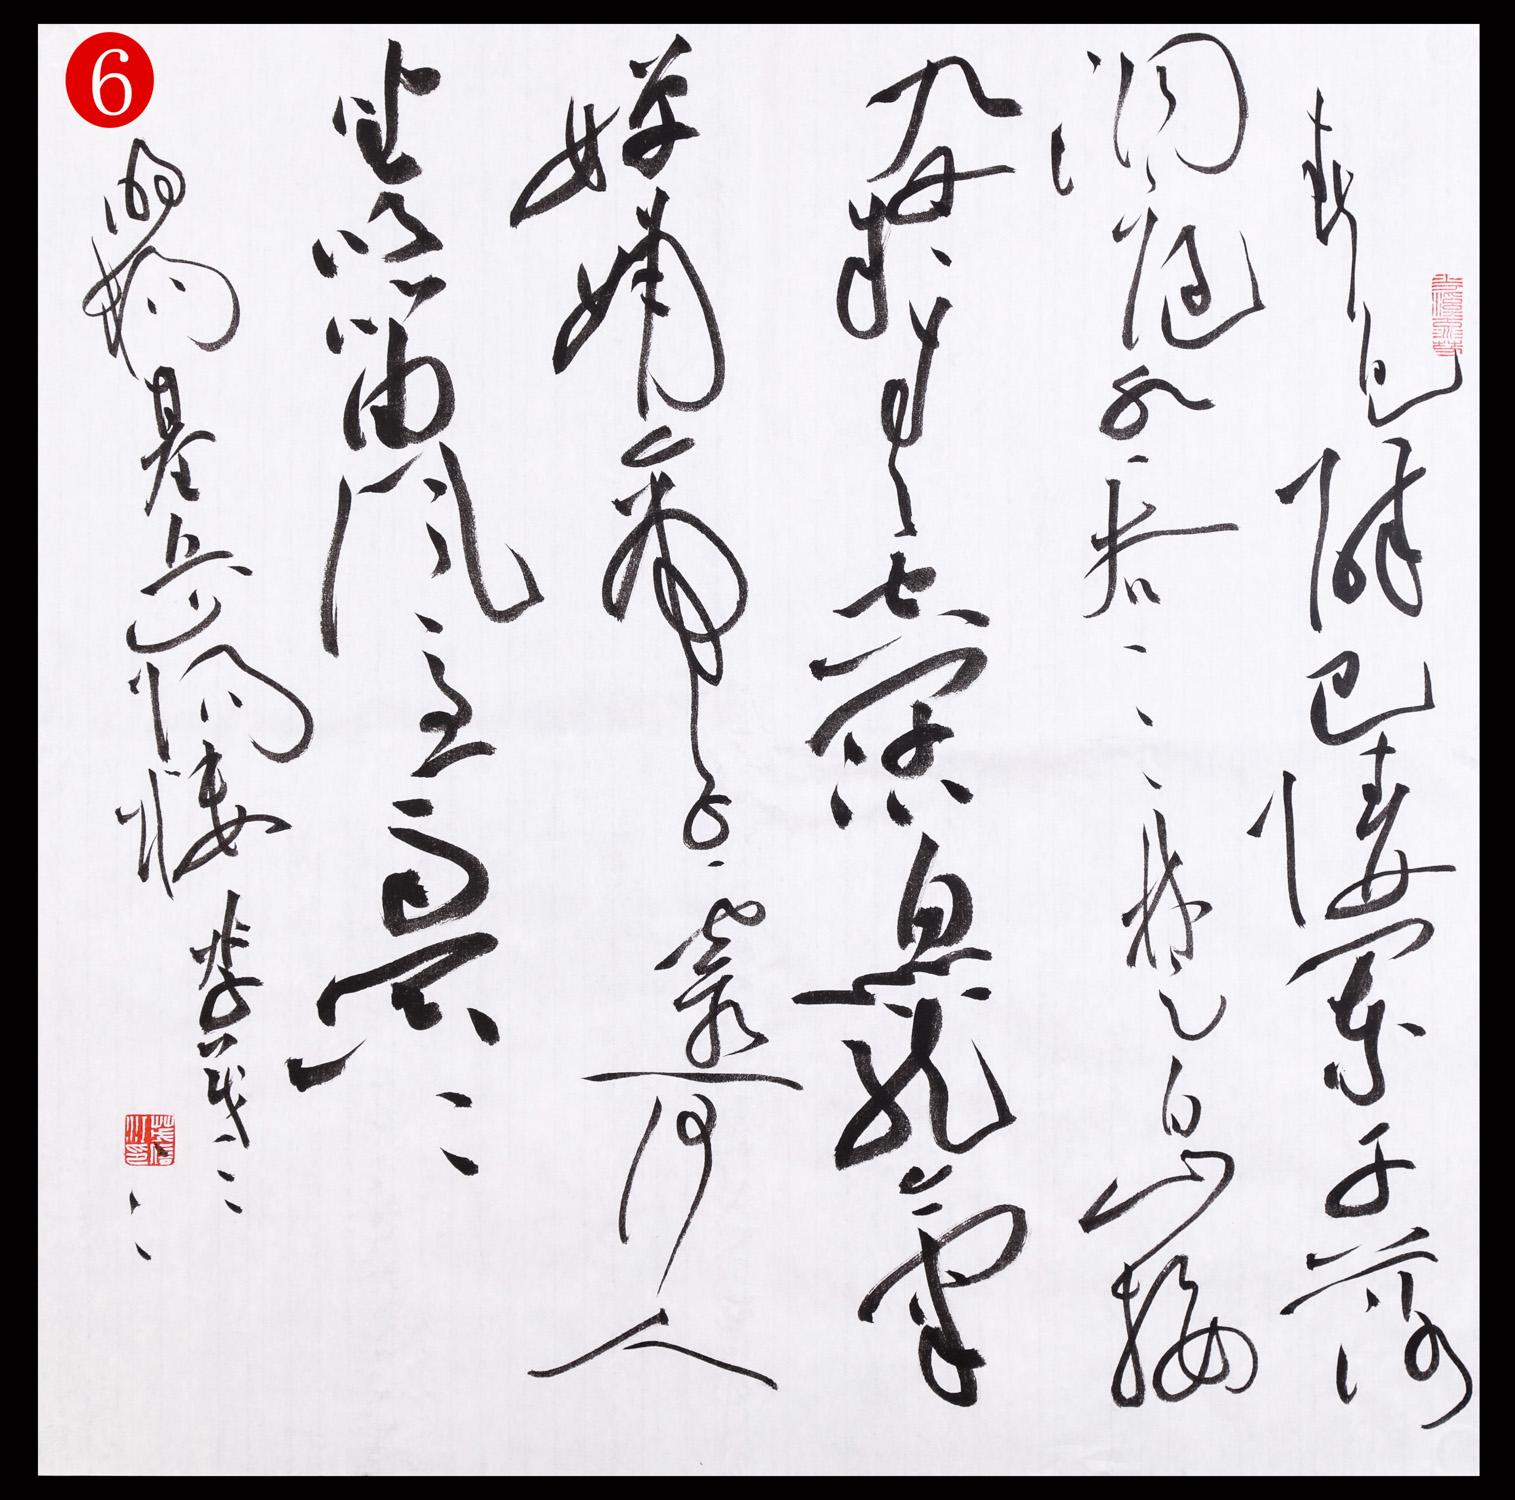 国展获奖书家李茂江精品草书15幅 【书法频道微拍】图片